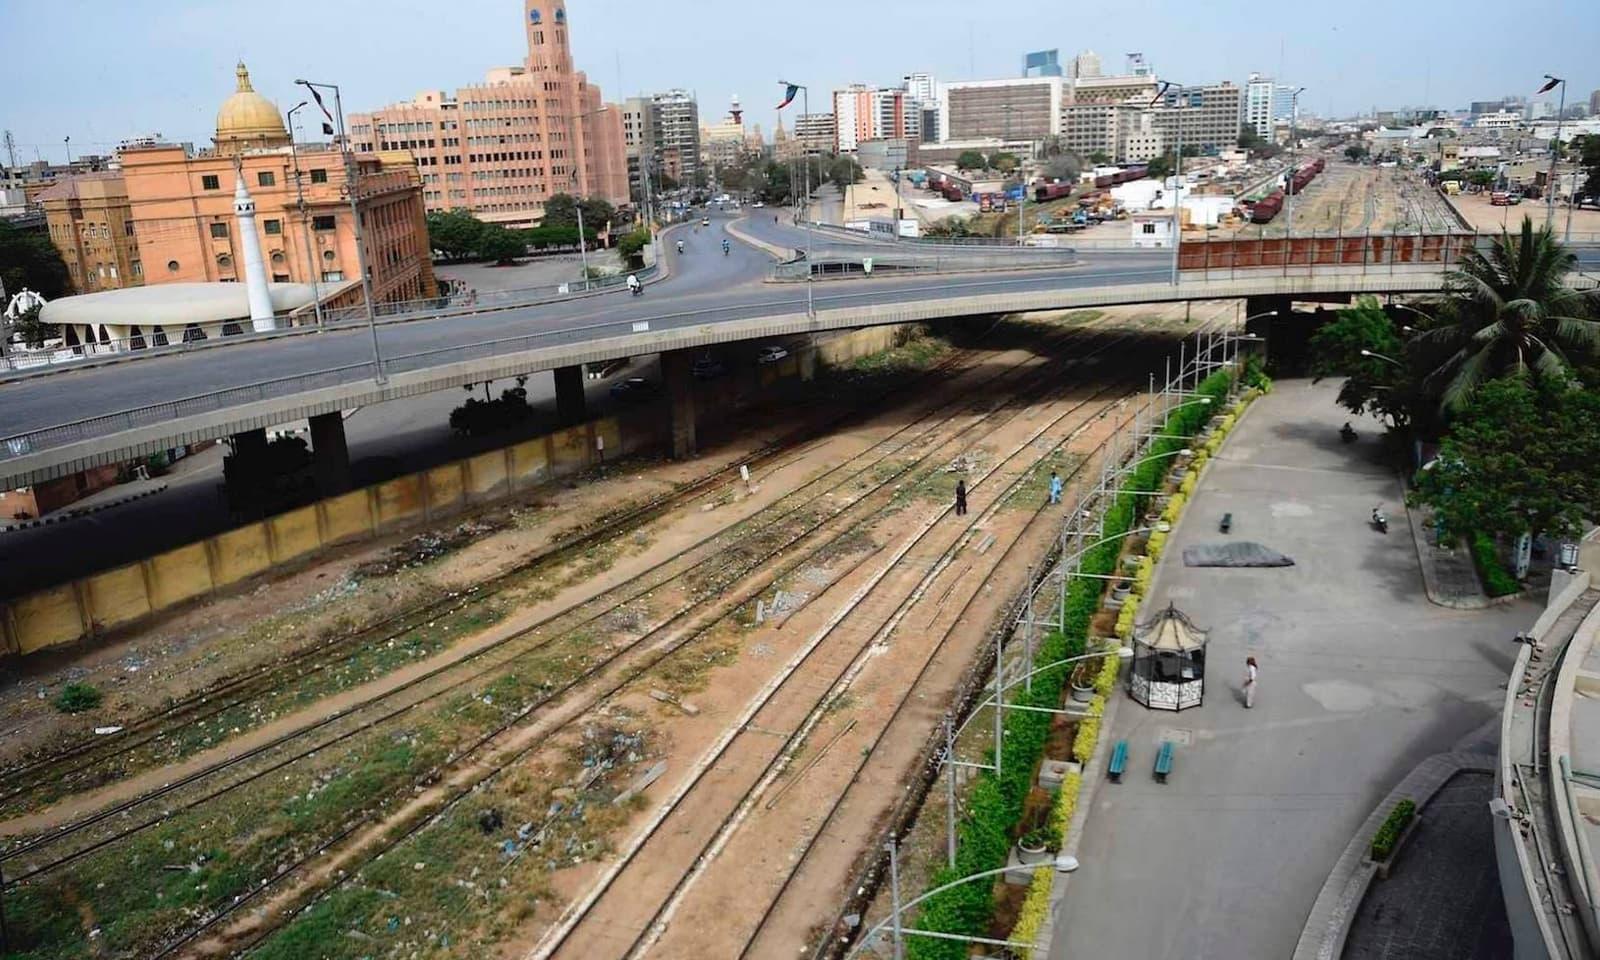 کراچی کی سڑکوں کا عمومی منظر جو لاک ڈاؤن کے باعث مکمل سنسان ہیں — فوٹو: اے ایف پی